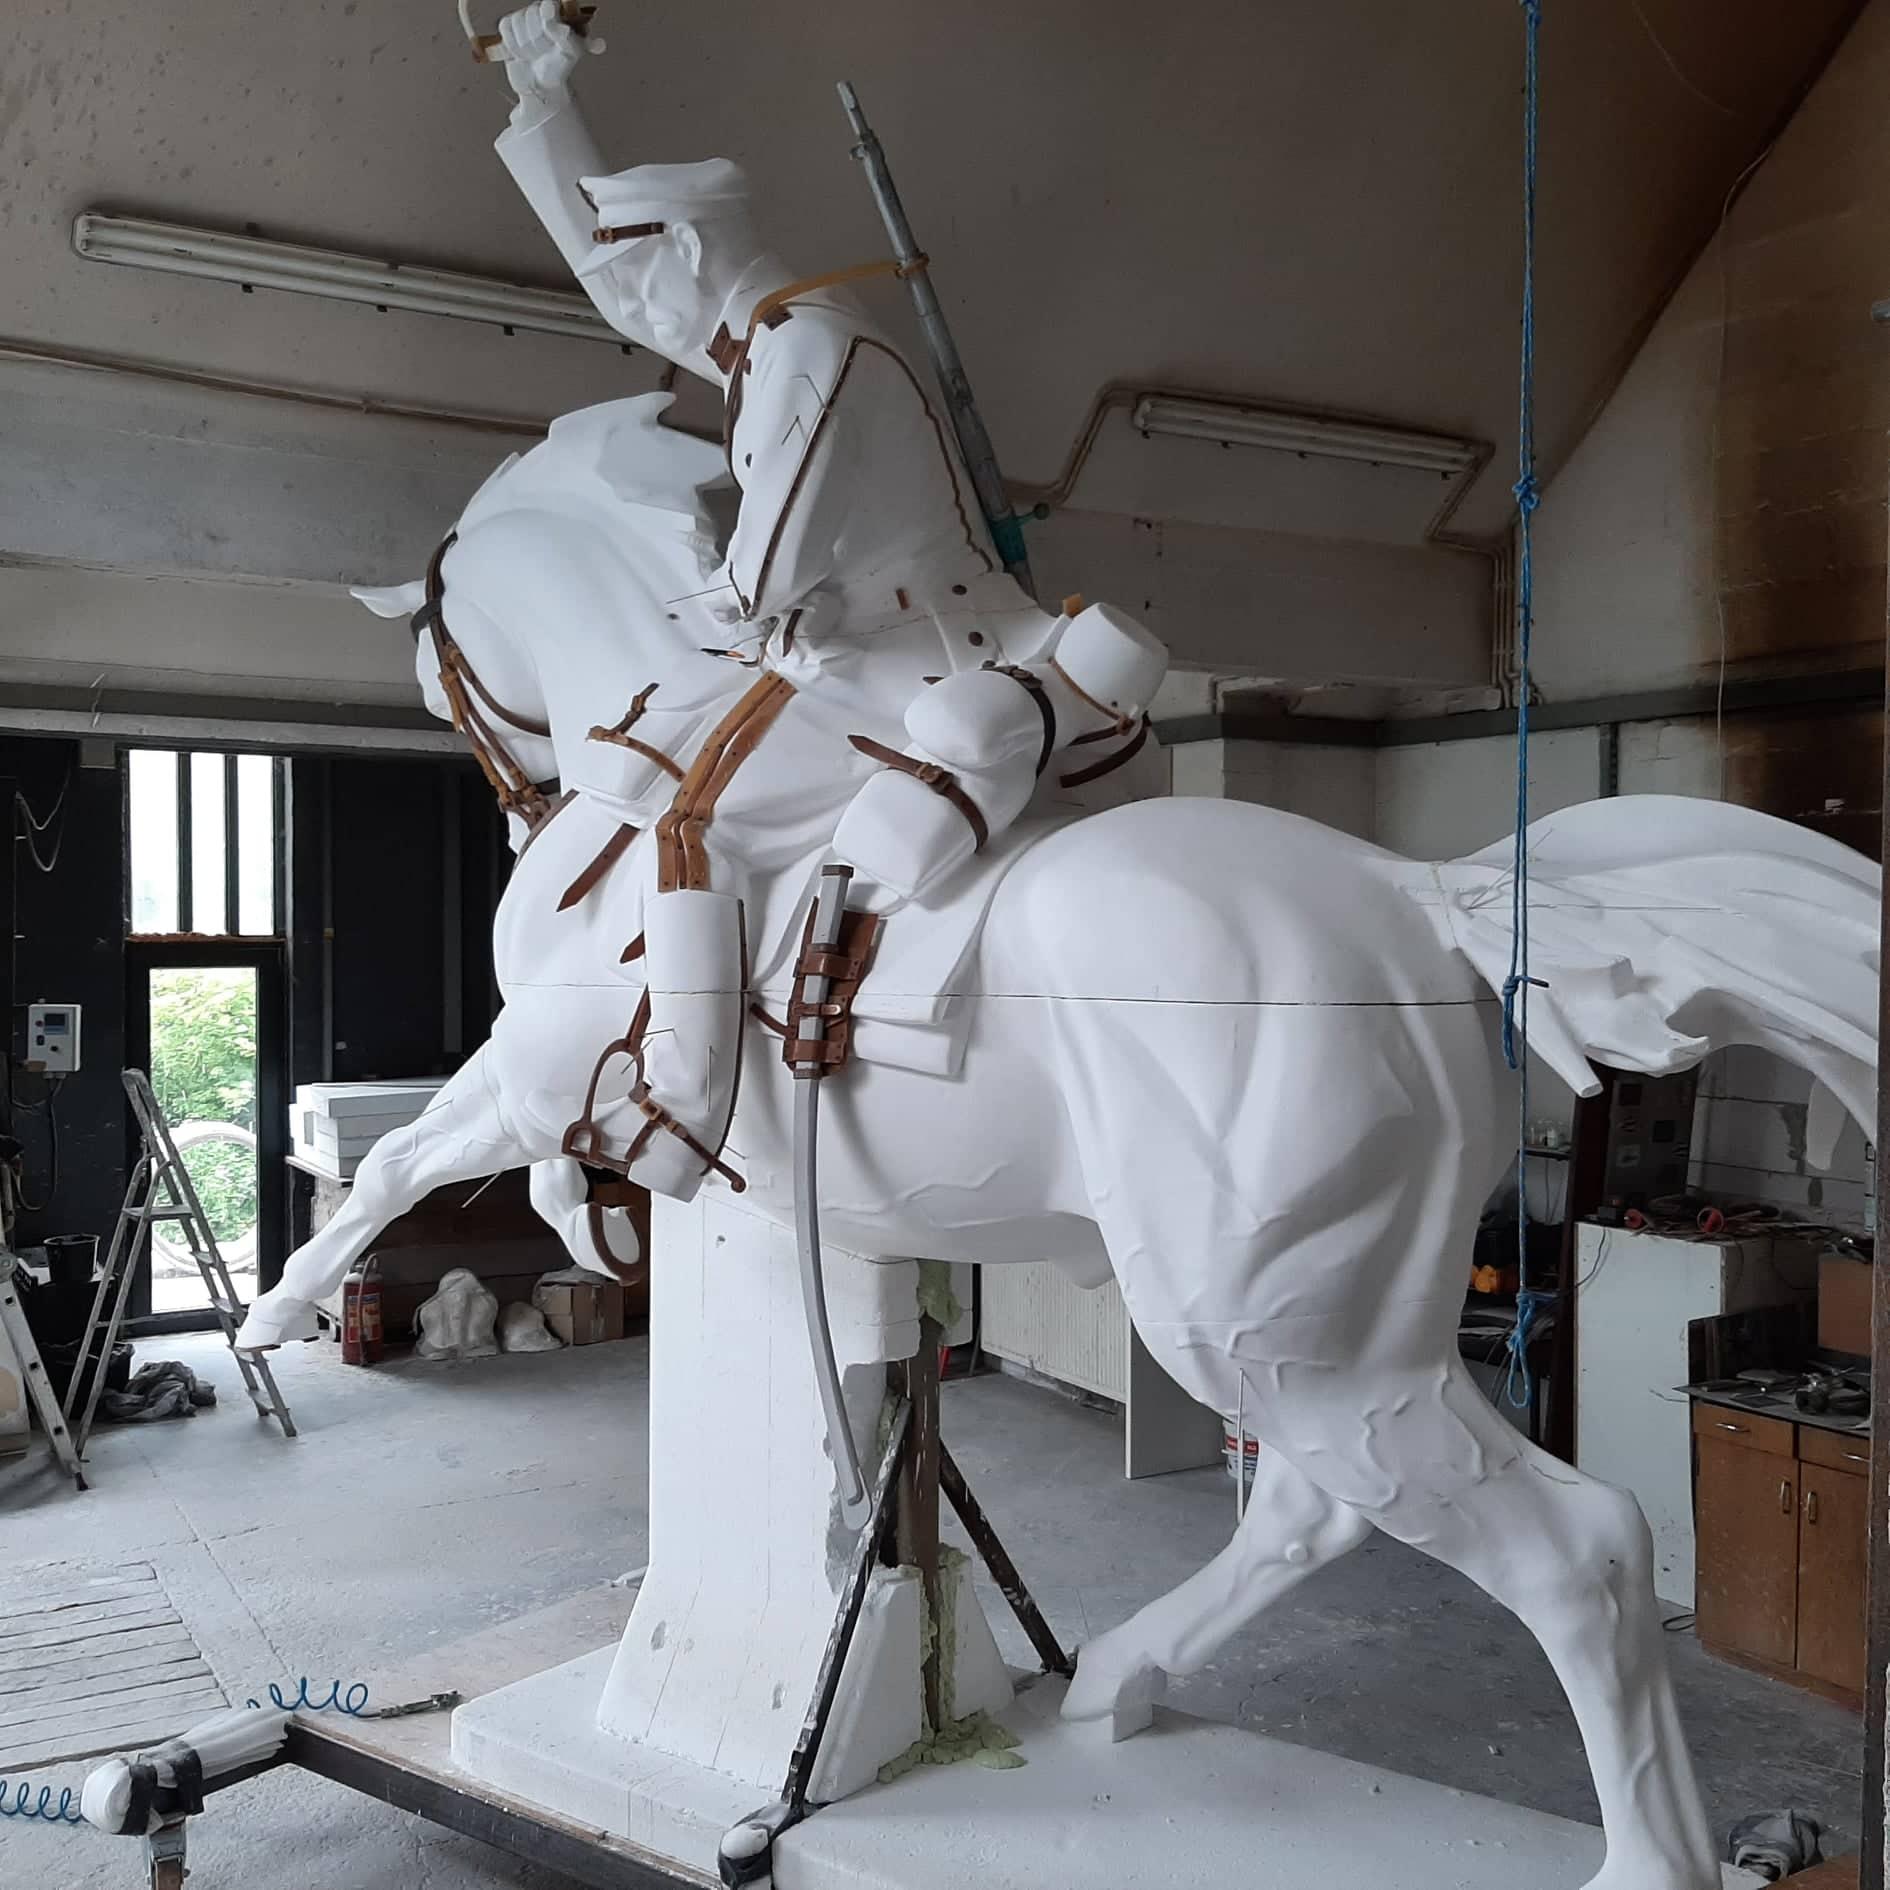 odlew pomnik komarow 5 Zbliża się 101. rocznica Bitwy pod Komarowem. Jak postepują prace przy budowie pomnika bitwy?